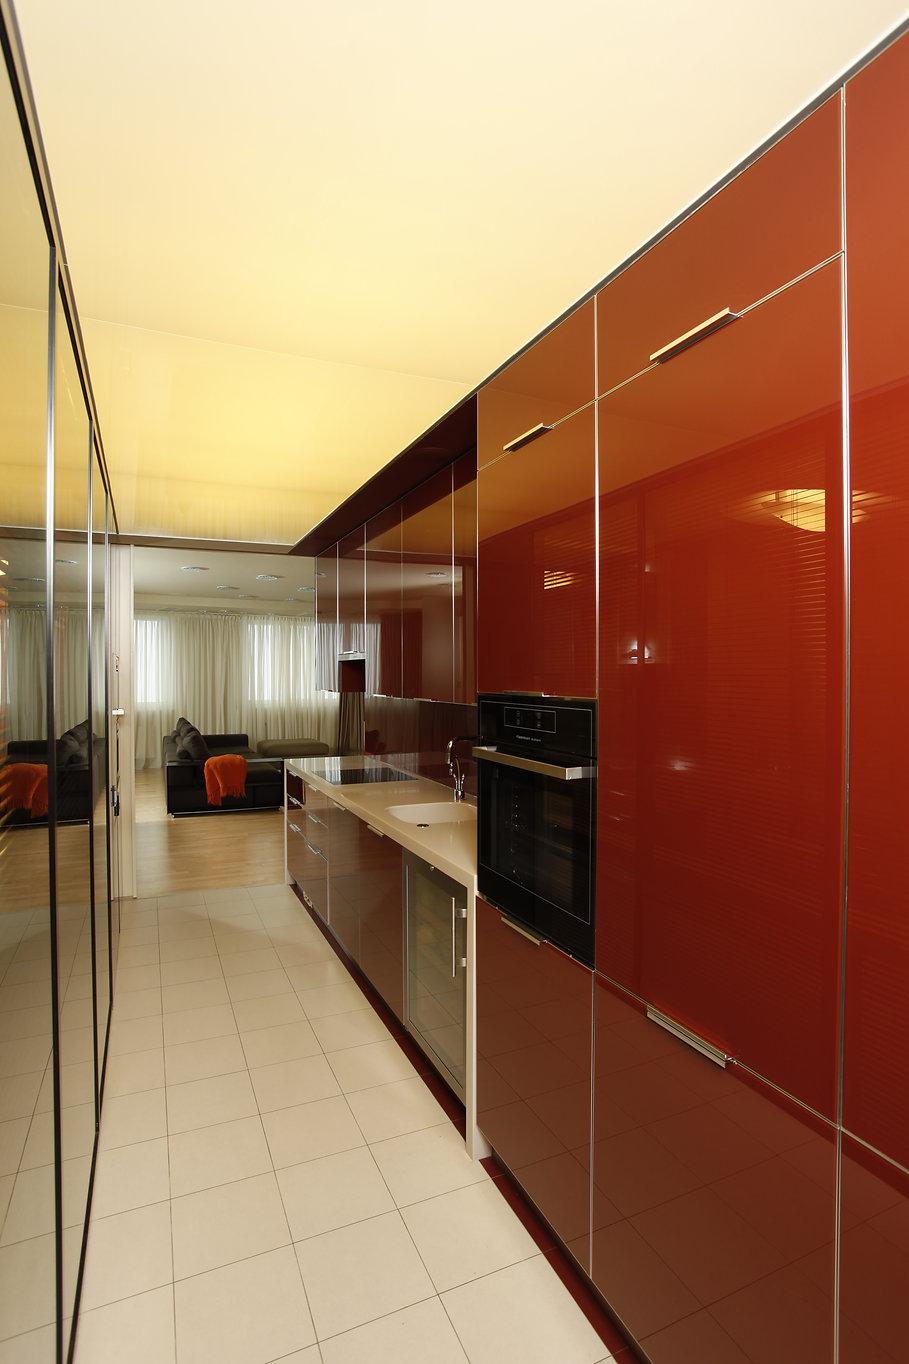 Квартира на Ходынке. Интерьер кухни.